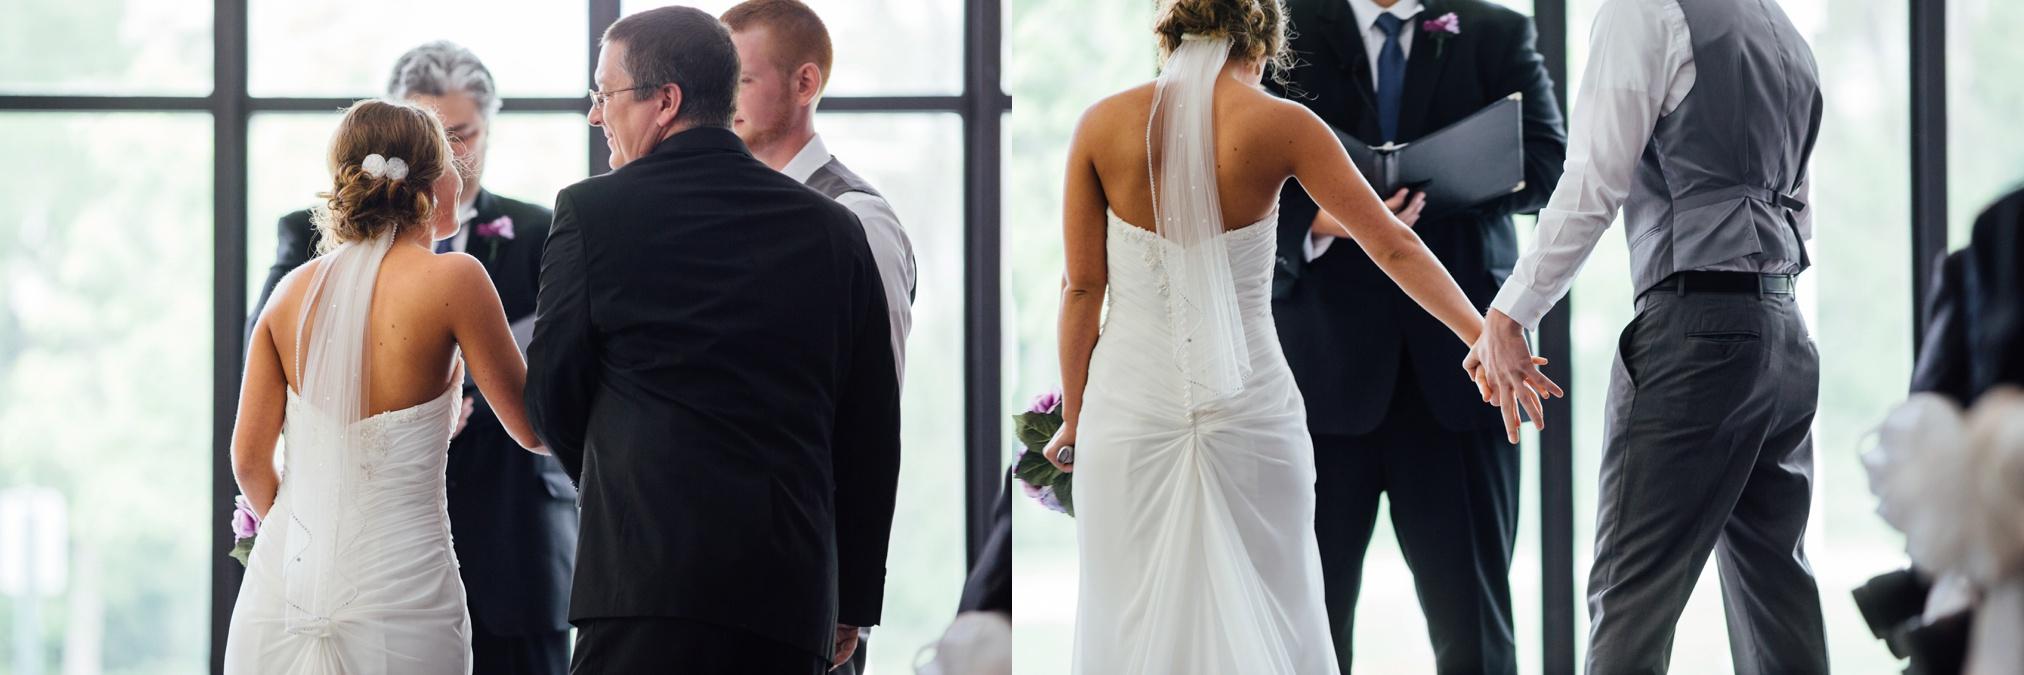 Vanderhart_Wedding-279